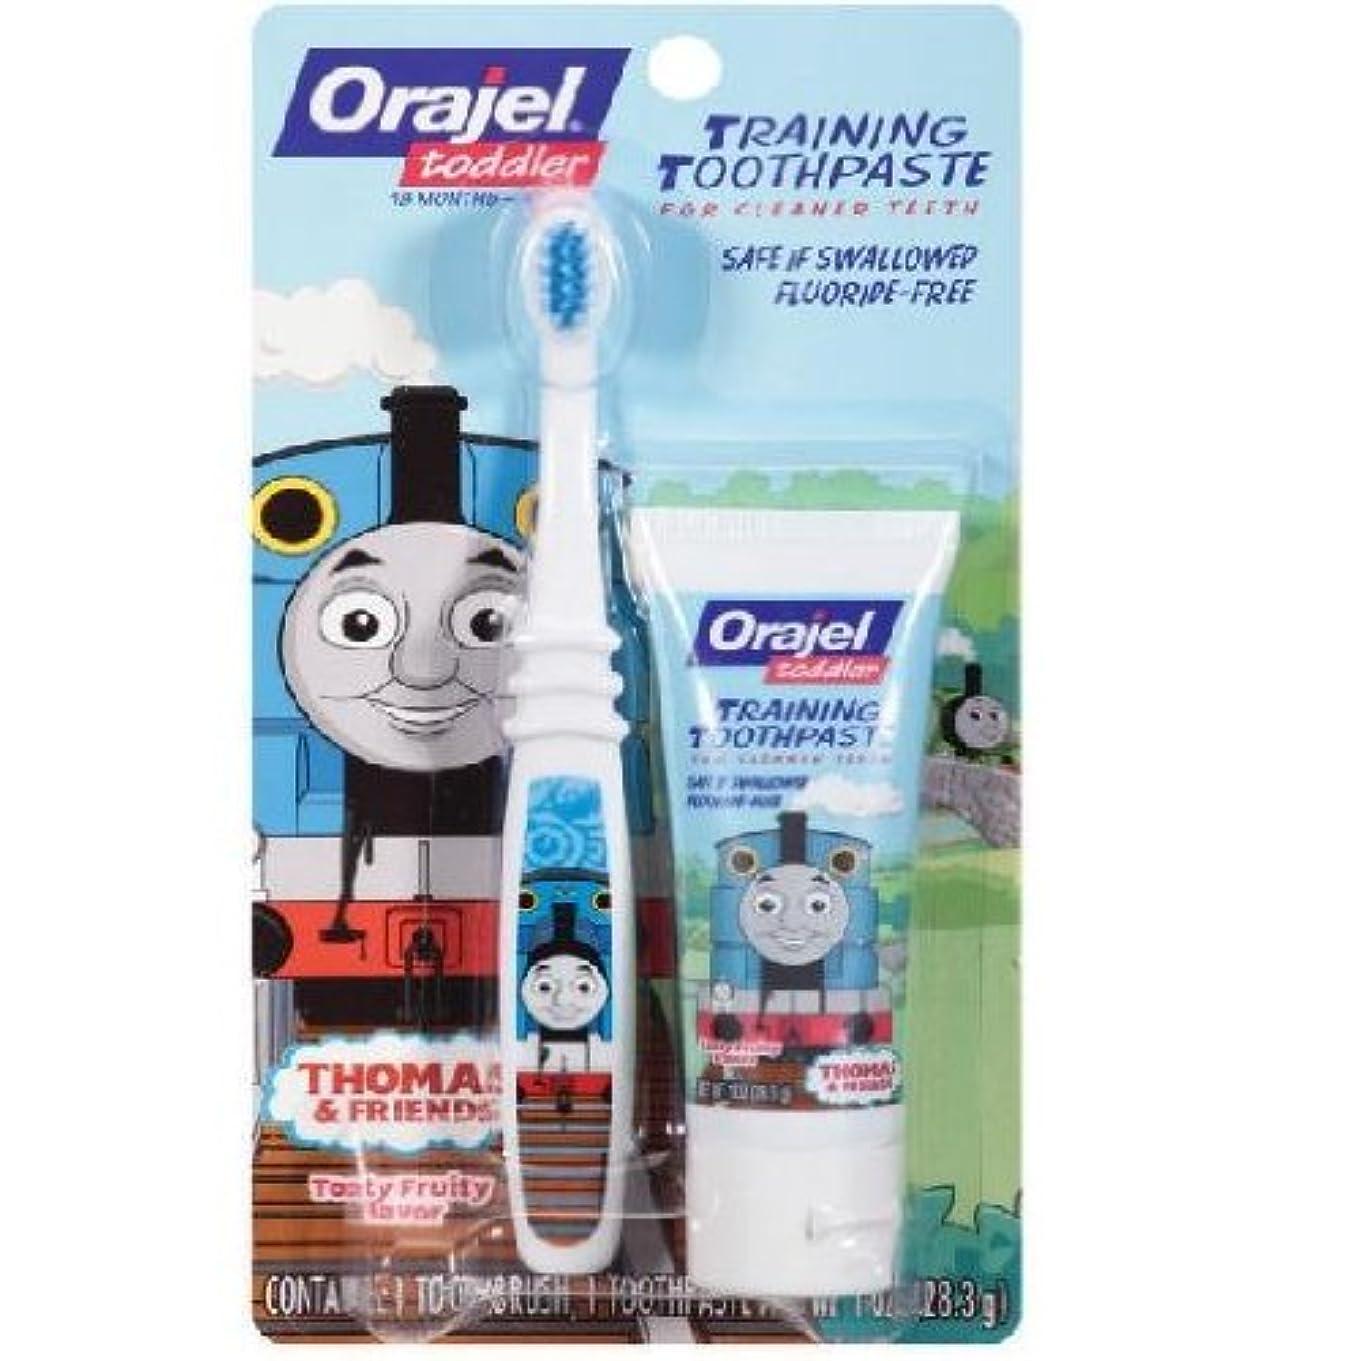 場合アーティファクトストッキング【機関車トーマス】Toddler Thomas Toddler Training Toothpaste with Toothbrush Tooty Fruity 1 oz